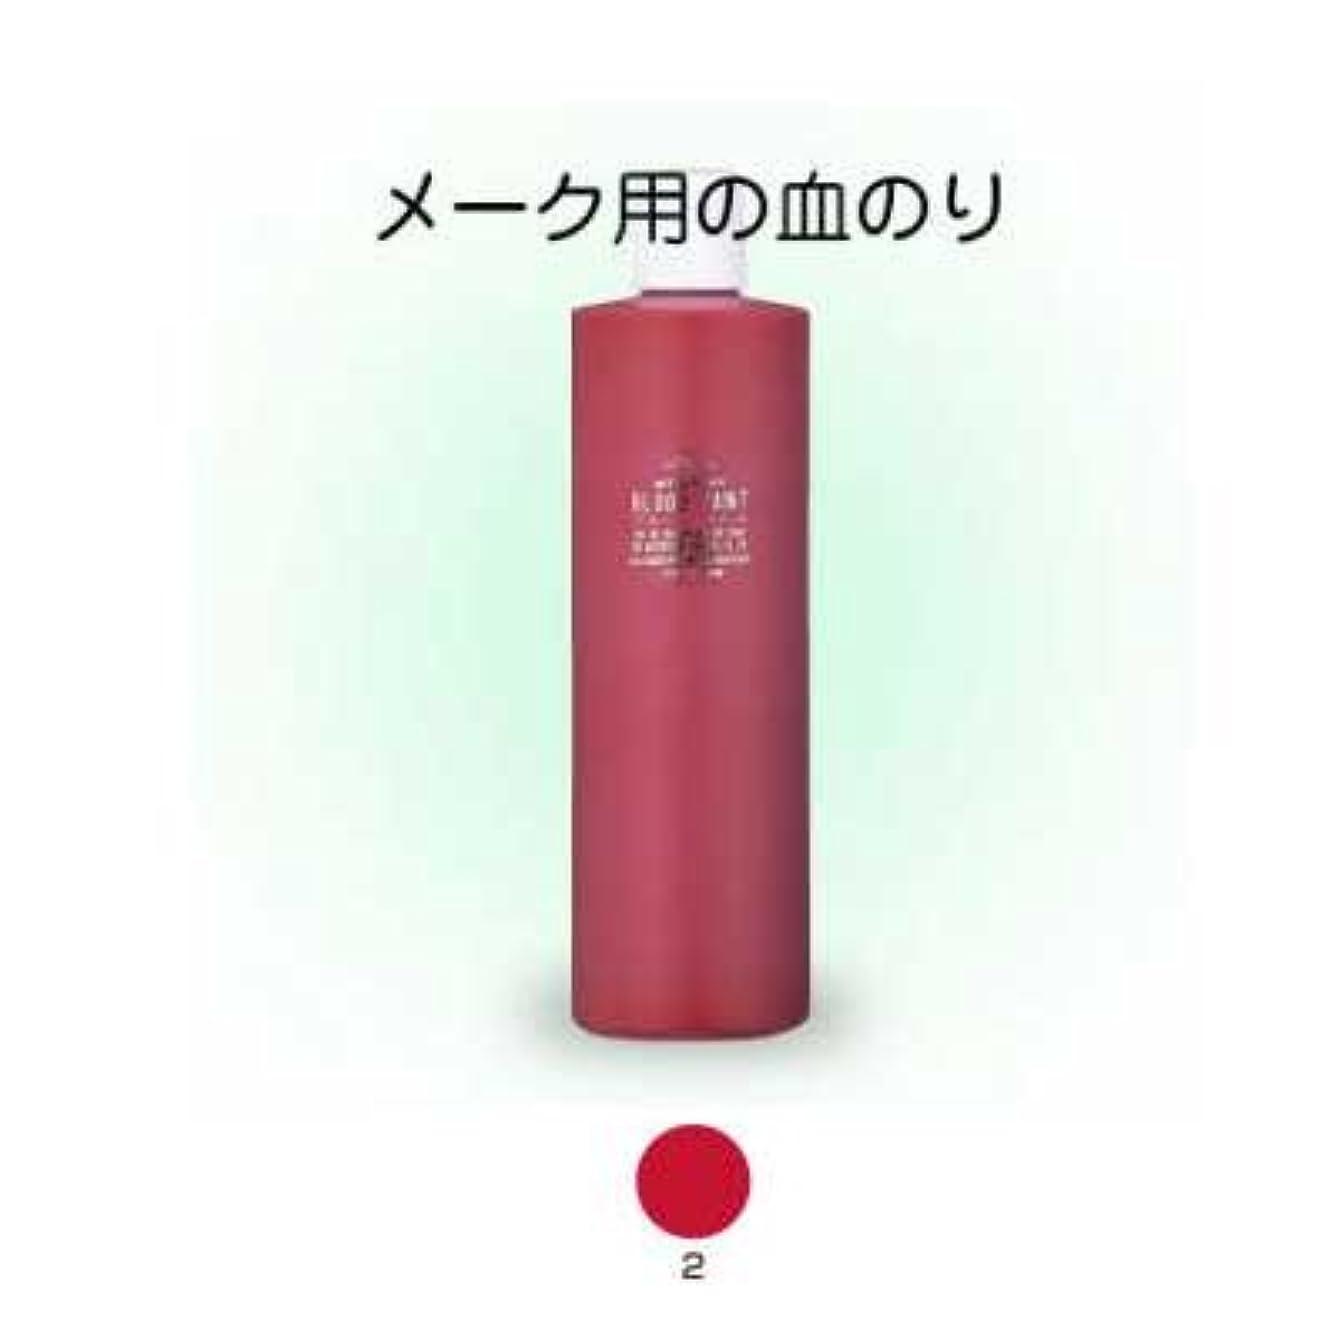 溝レキシコンストレスの多いブロードペイント(メークアップ用の血のり)500ml 2【三善】